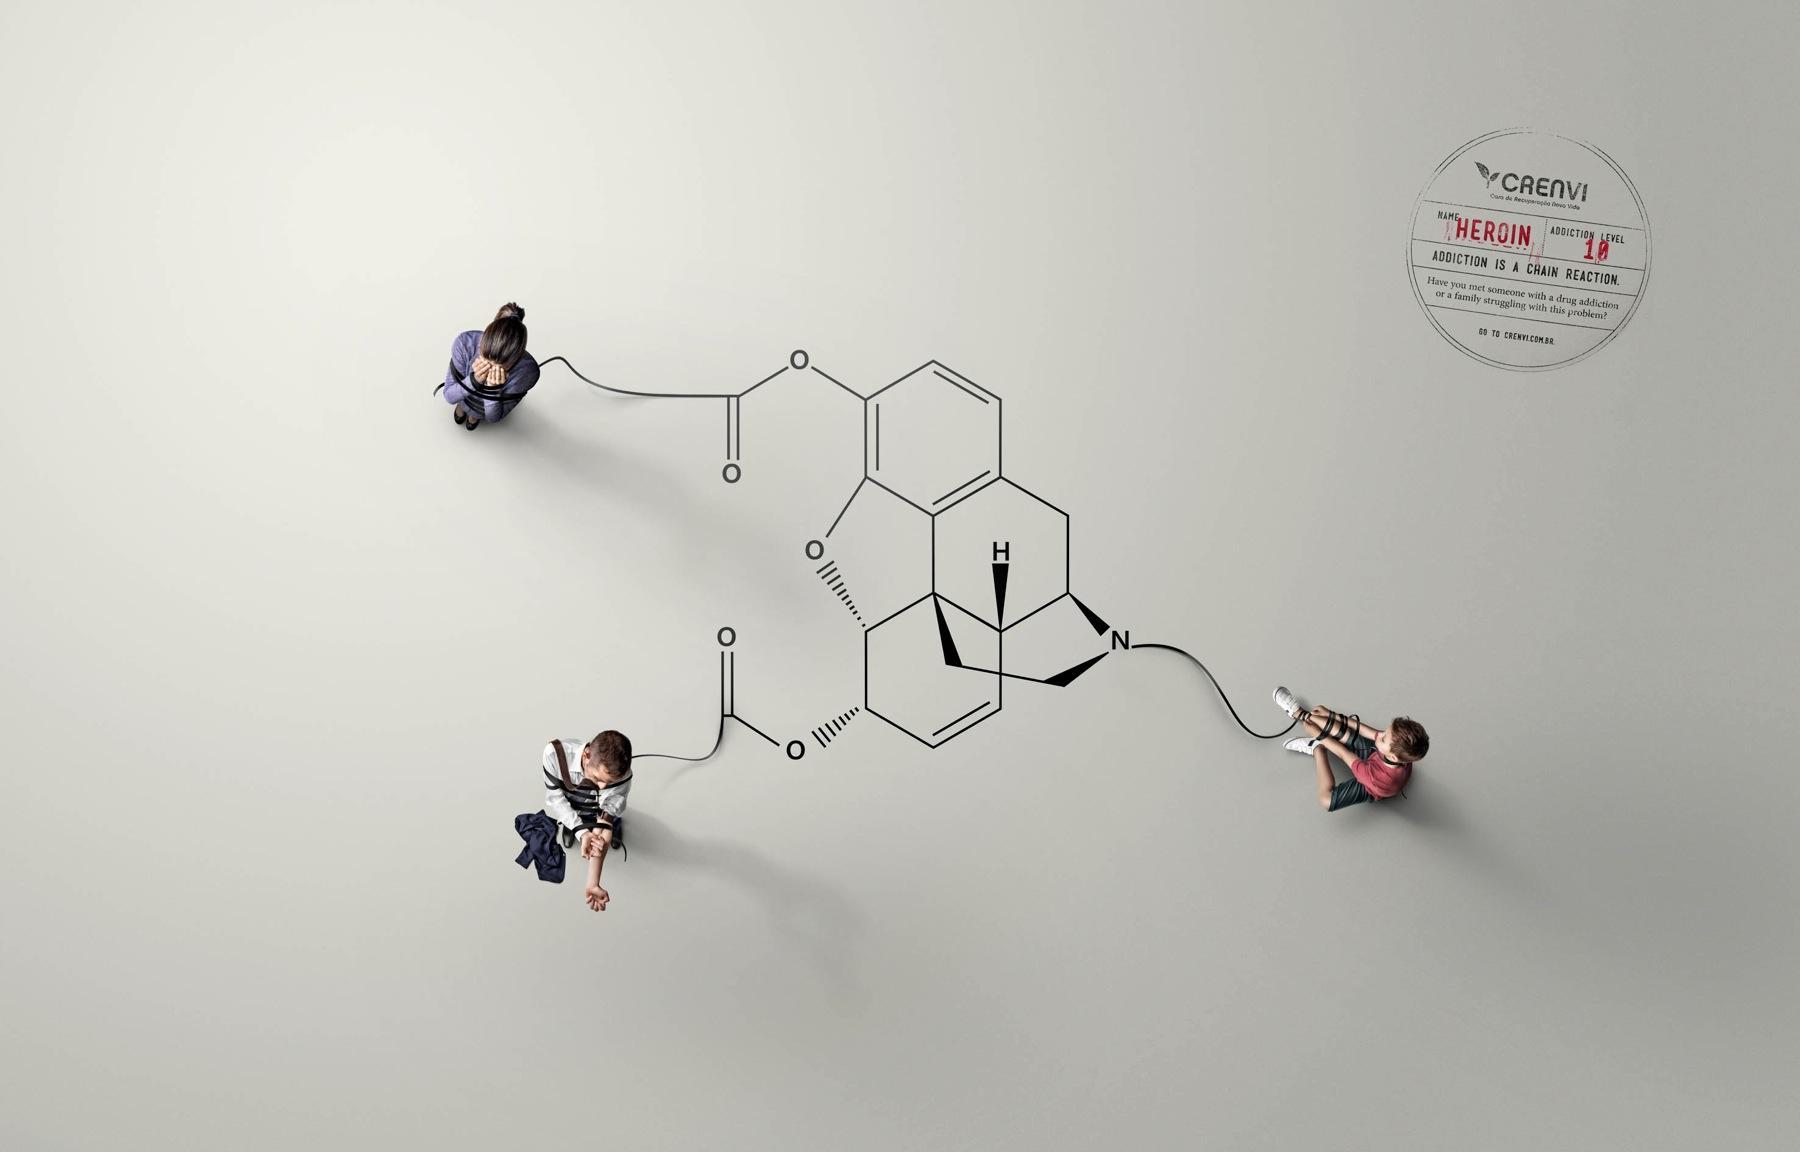 Crenvi Print Ad -  Heroin